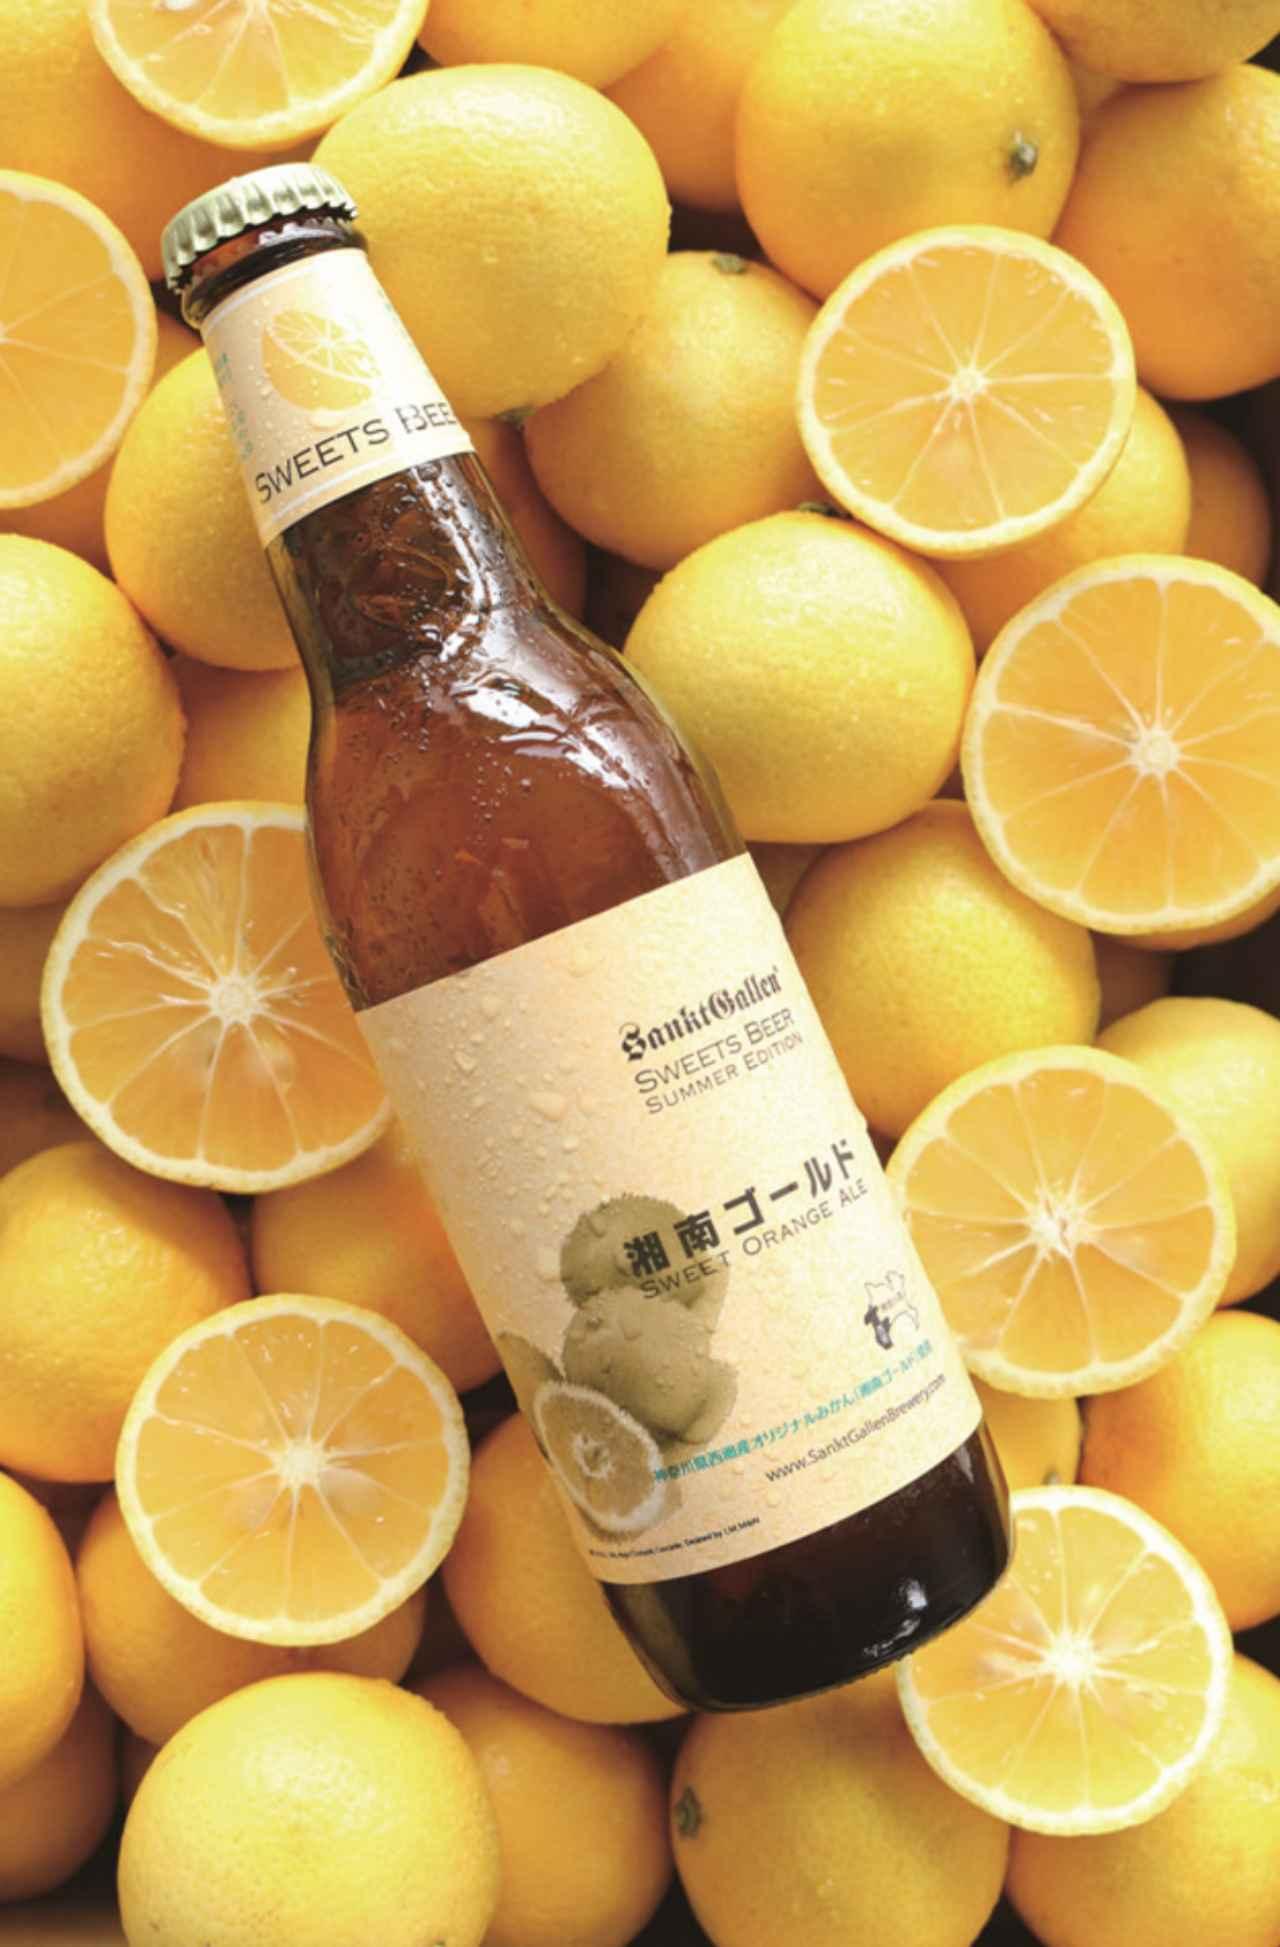 画像1: 神奈川産オレンジ丸ごと使用フルーツビール「湘南ゴールド」4月14日より春夏限定発売